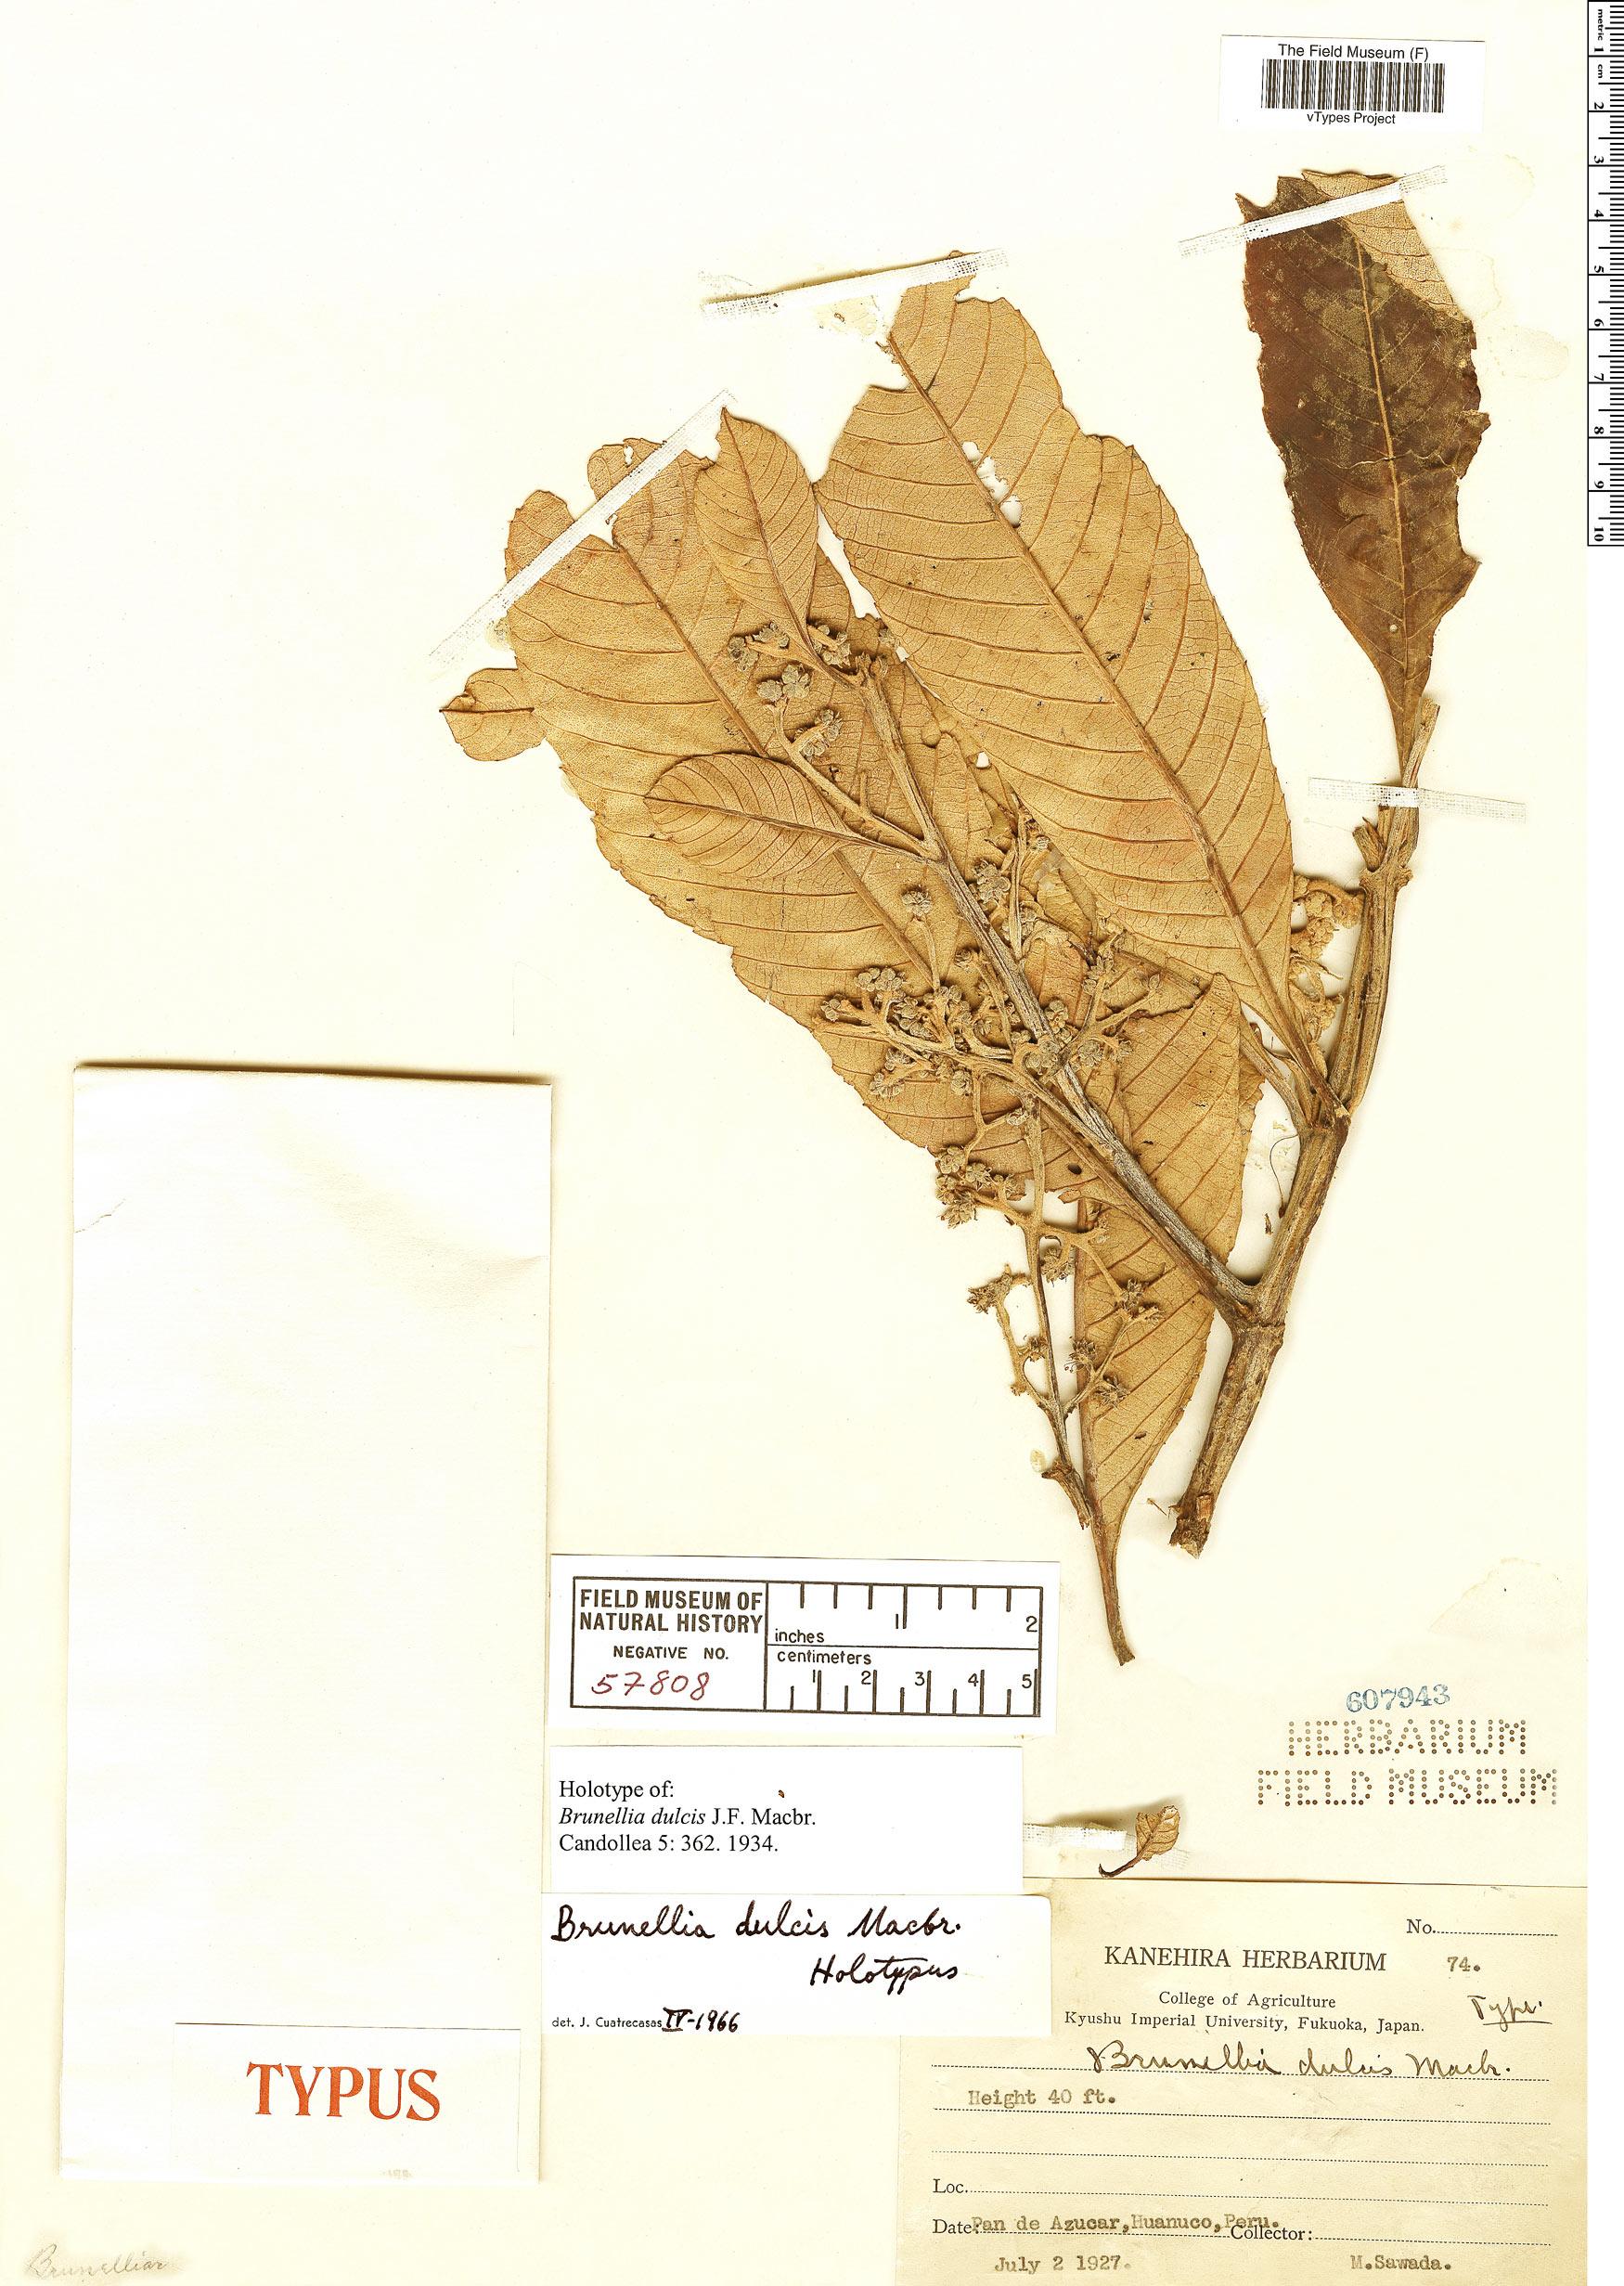 Specimen: Brunellia dulcis